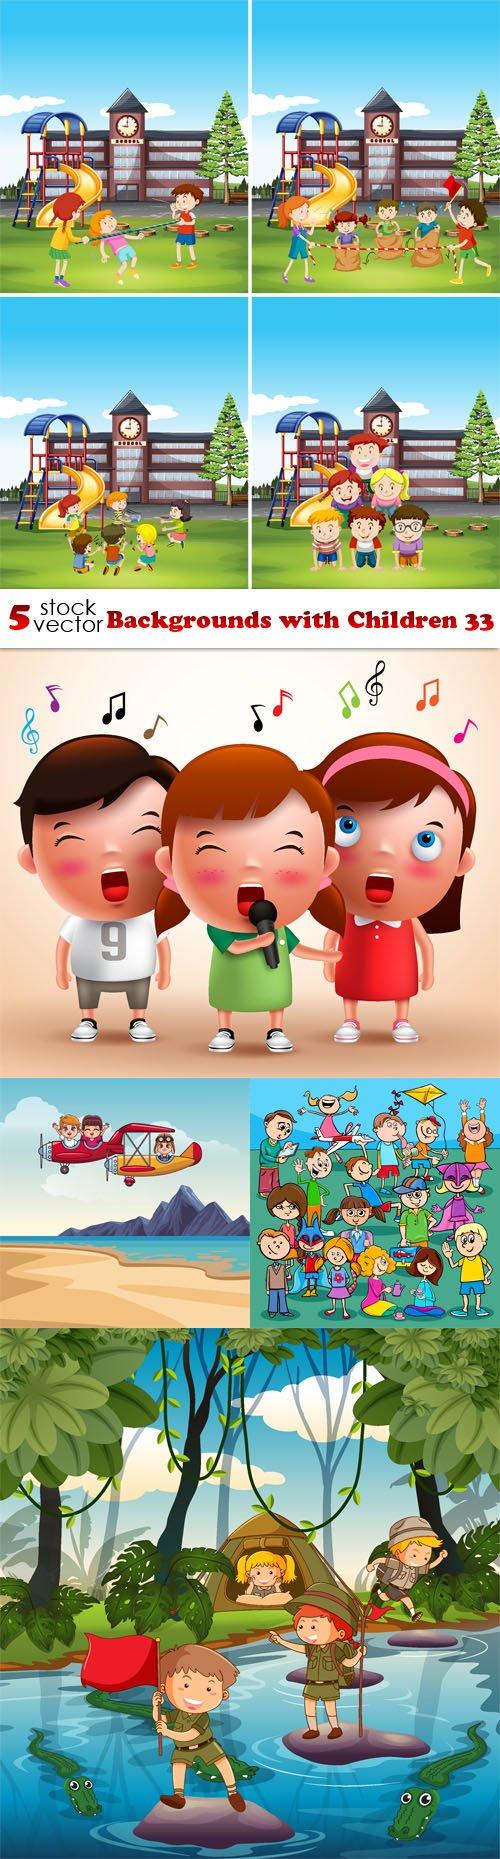 Vectors - Backgrounds with Children 33